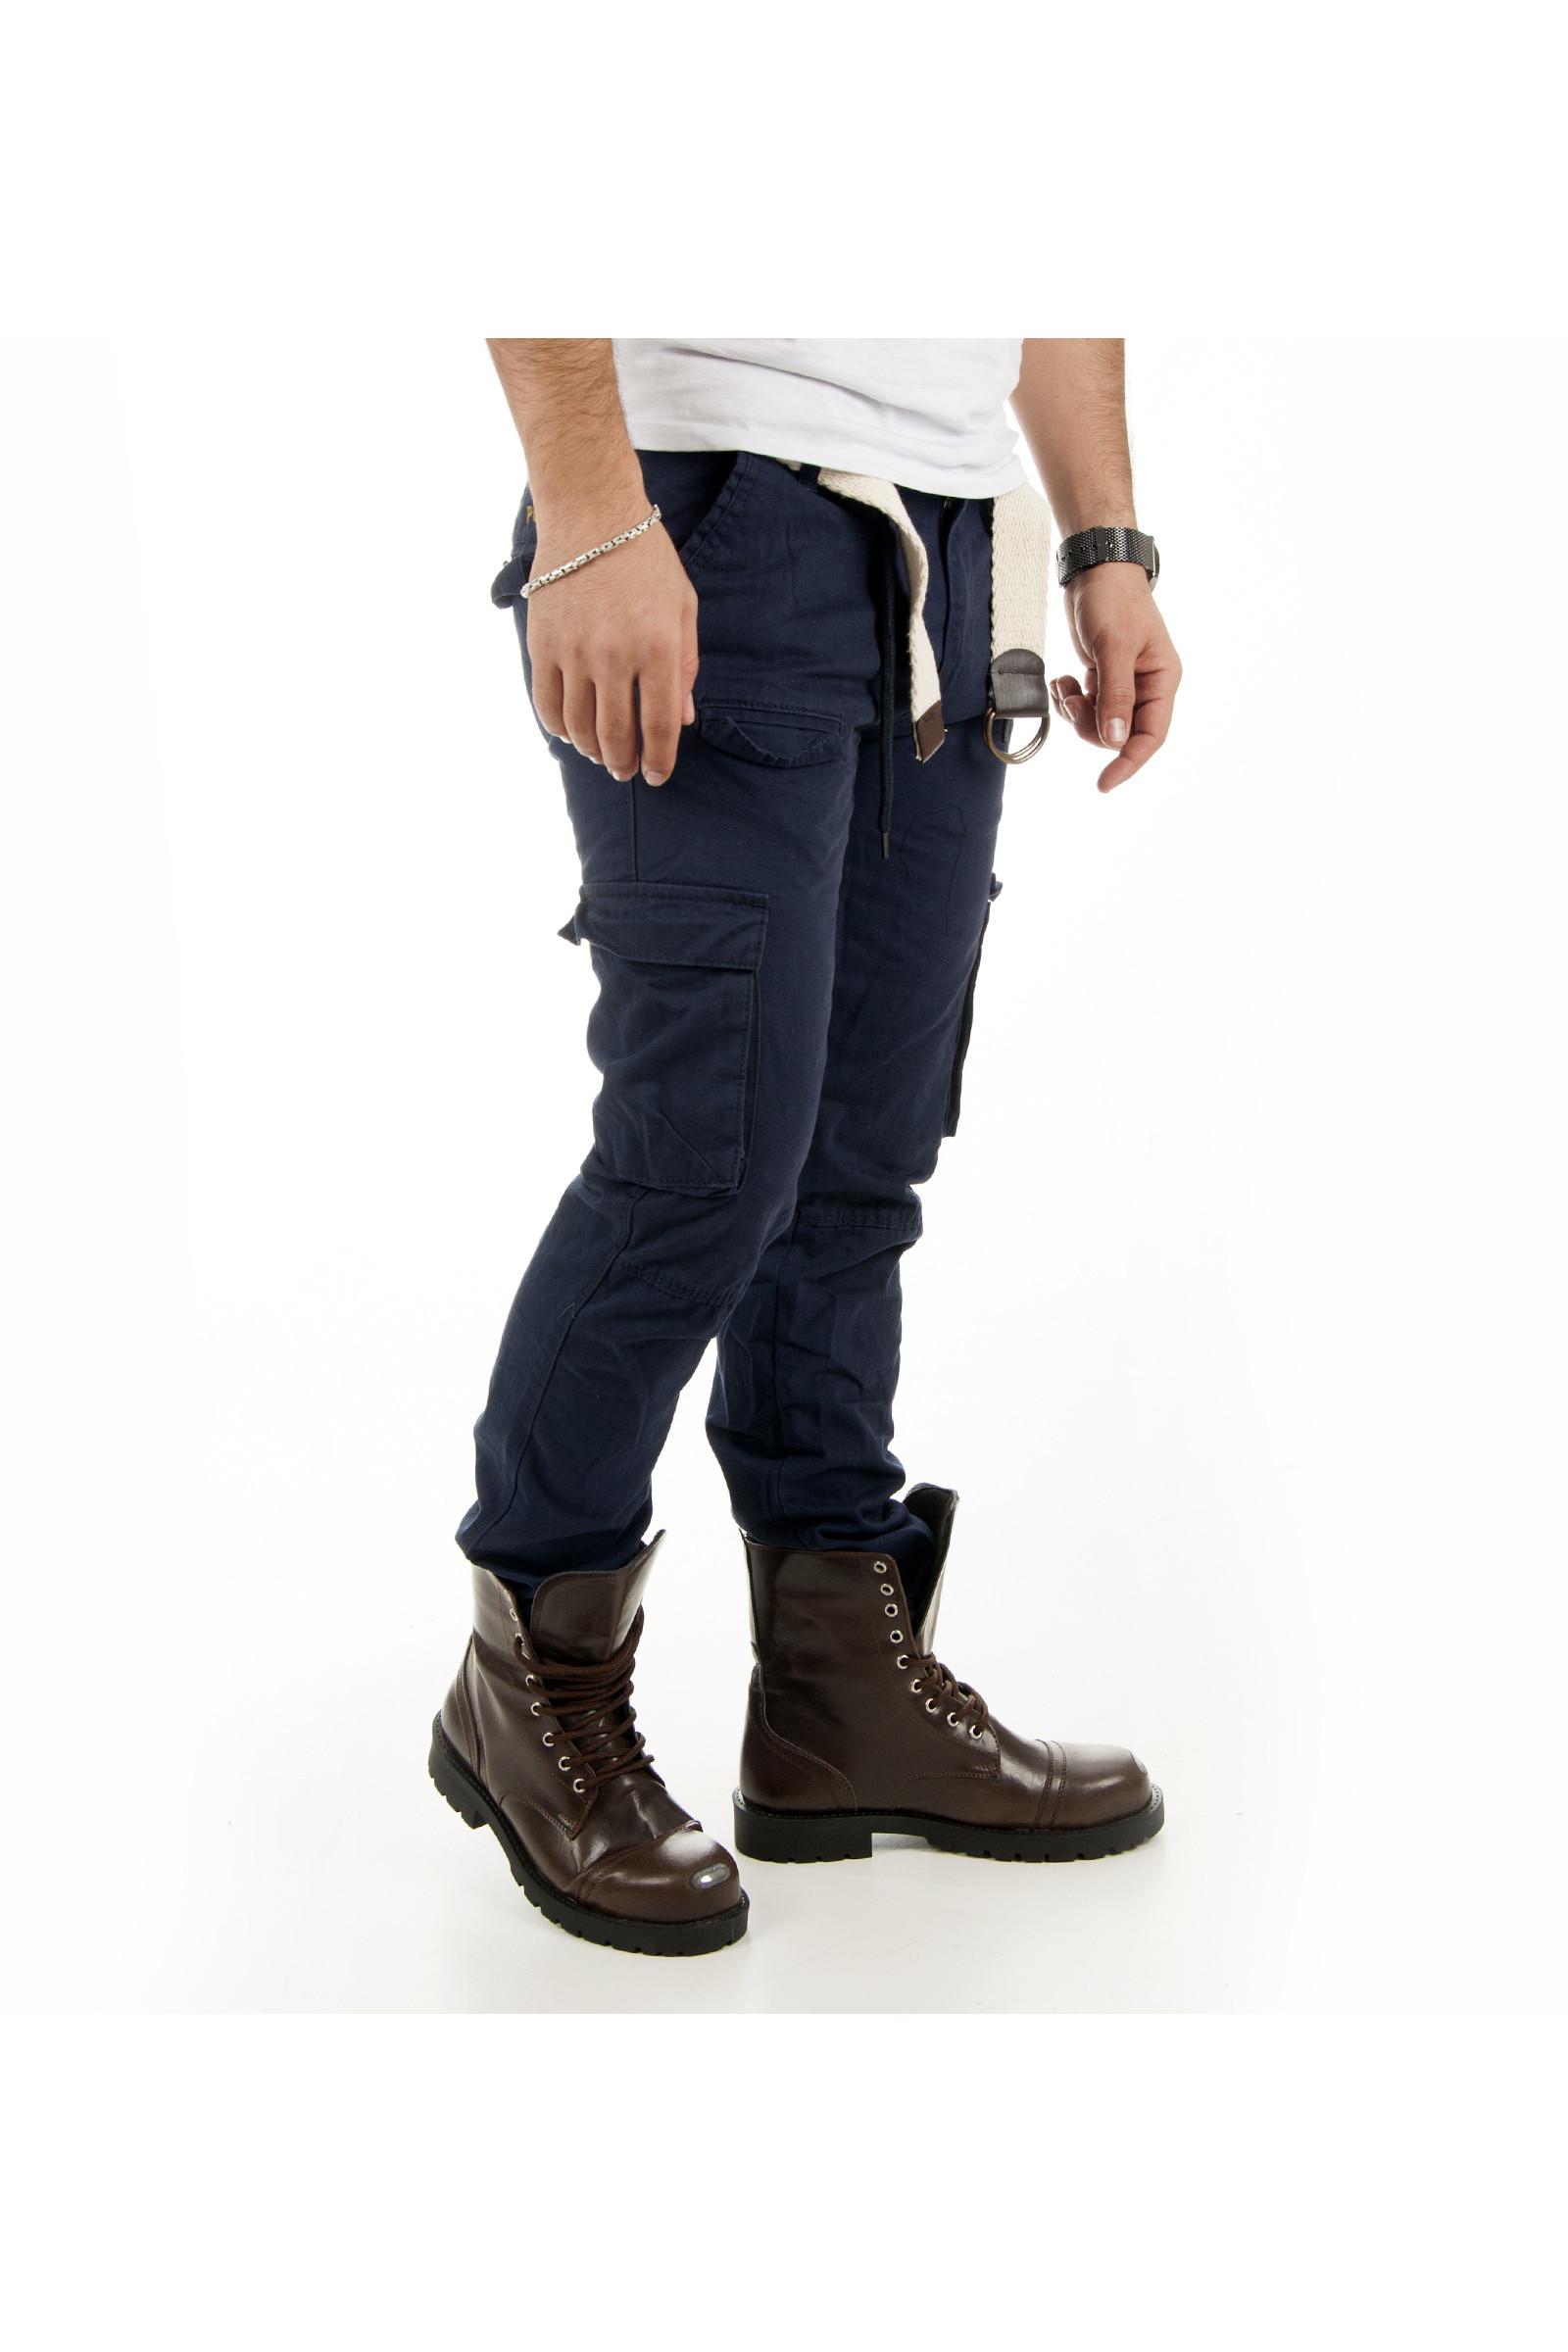 ست پیراهن با شلوار شش جیب DeepSEA شلوار شیش جیب مردانه مارک